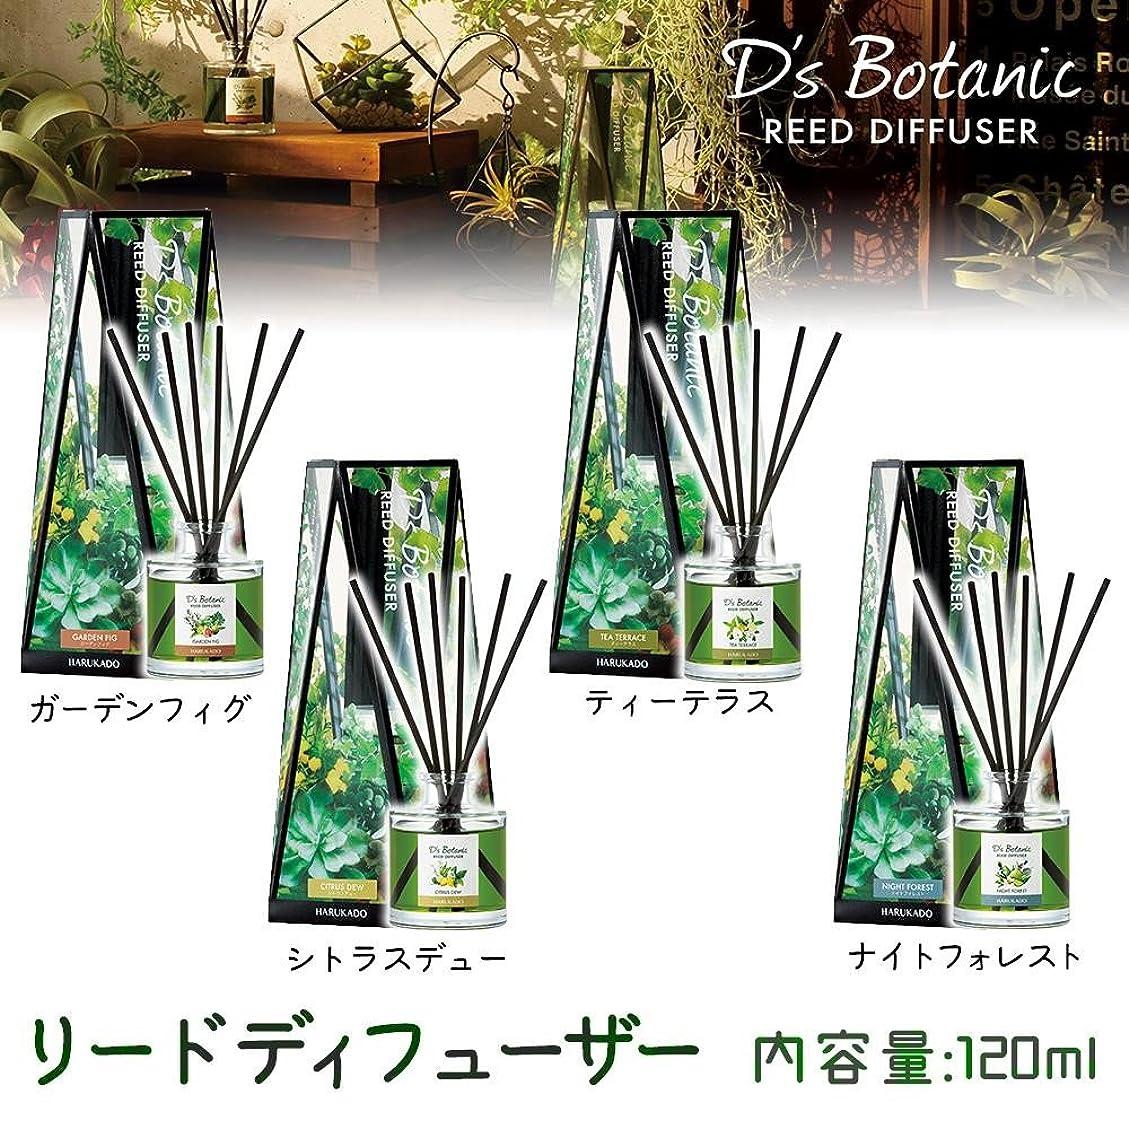 アンソロジー交換紀元前D'S Botanic(デイズボタニック) リードディフューザー ルームフレグランス 120ml ティーテラス?6230【人気 おすすめ 】